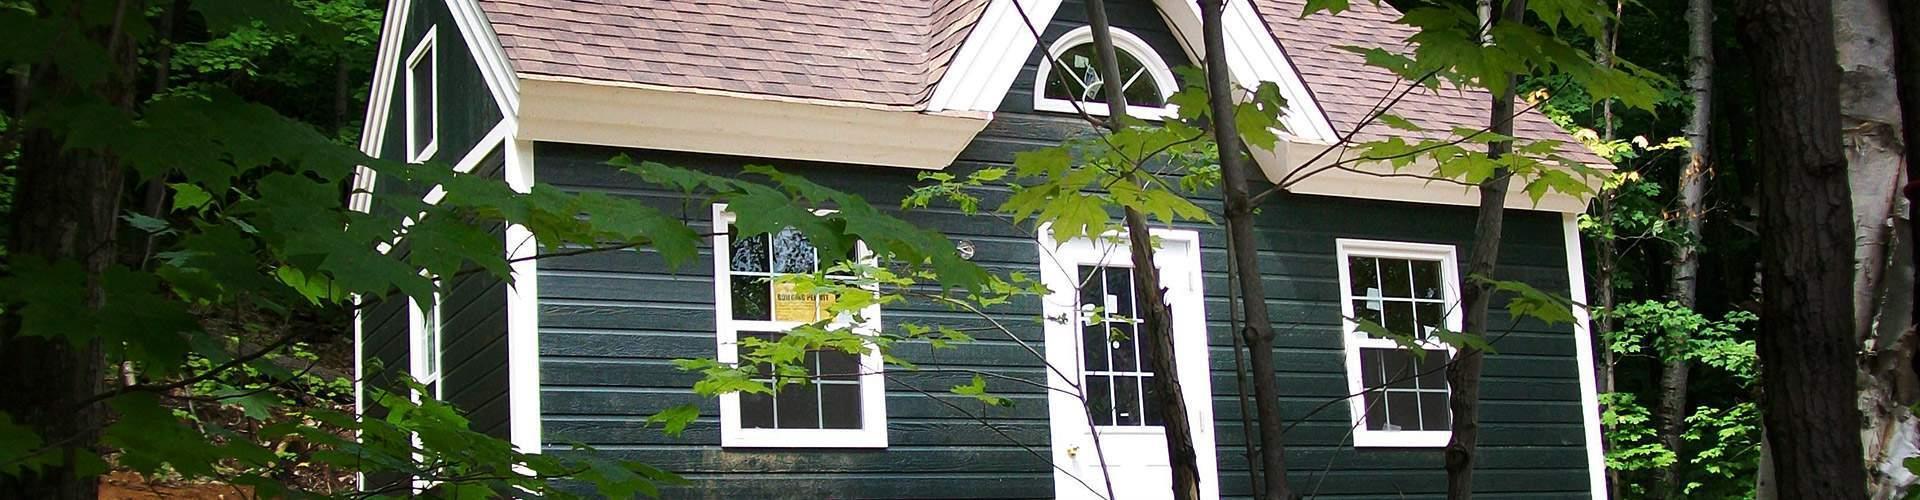 Breckenridge cabin summerwood for Breckenridge cottages